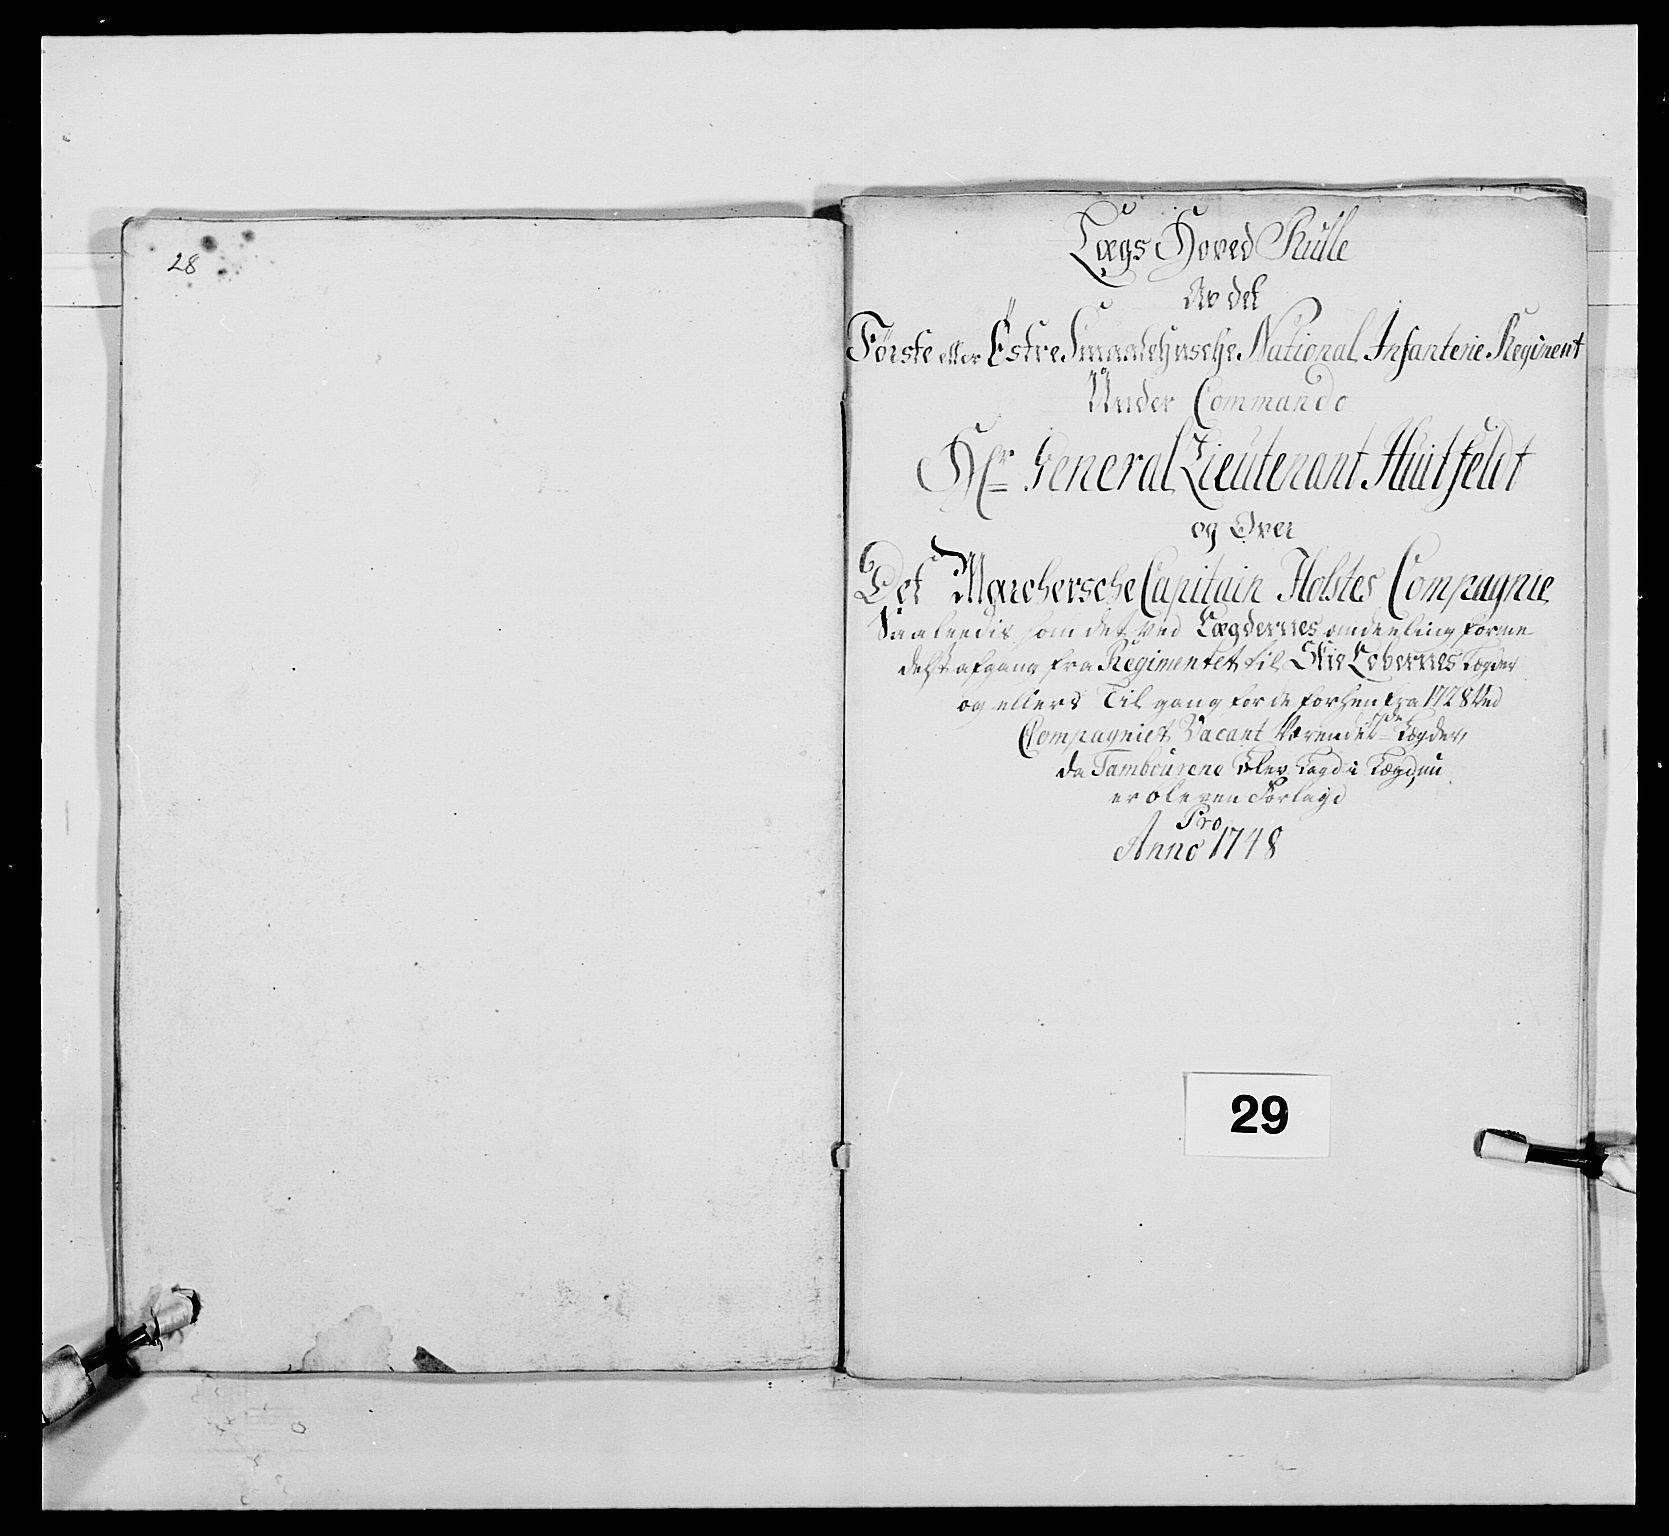 RA, Kommanderende general (KG I) med Det norske krigsdirektorium, E/Ea/L0495: 1. Smålenske regiment, 1732-1763, s. 449